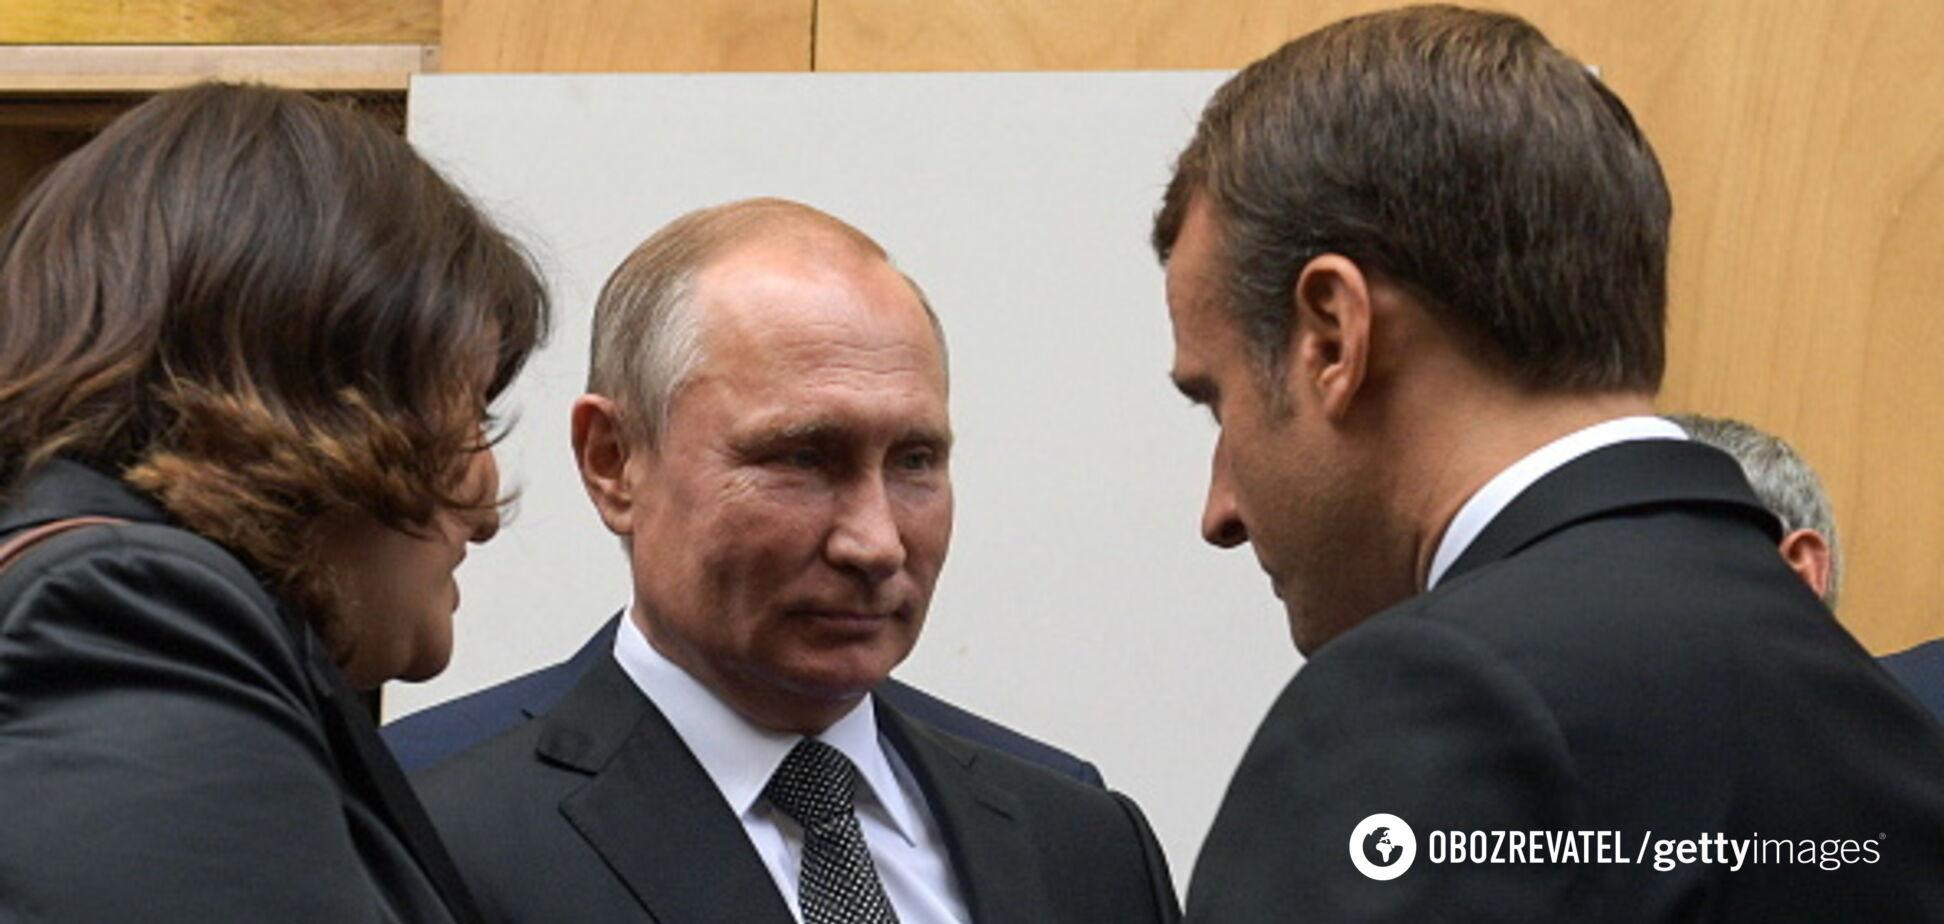 Путин во Франциивызвал шквал 'черного' юмора